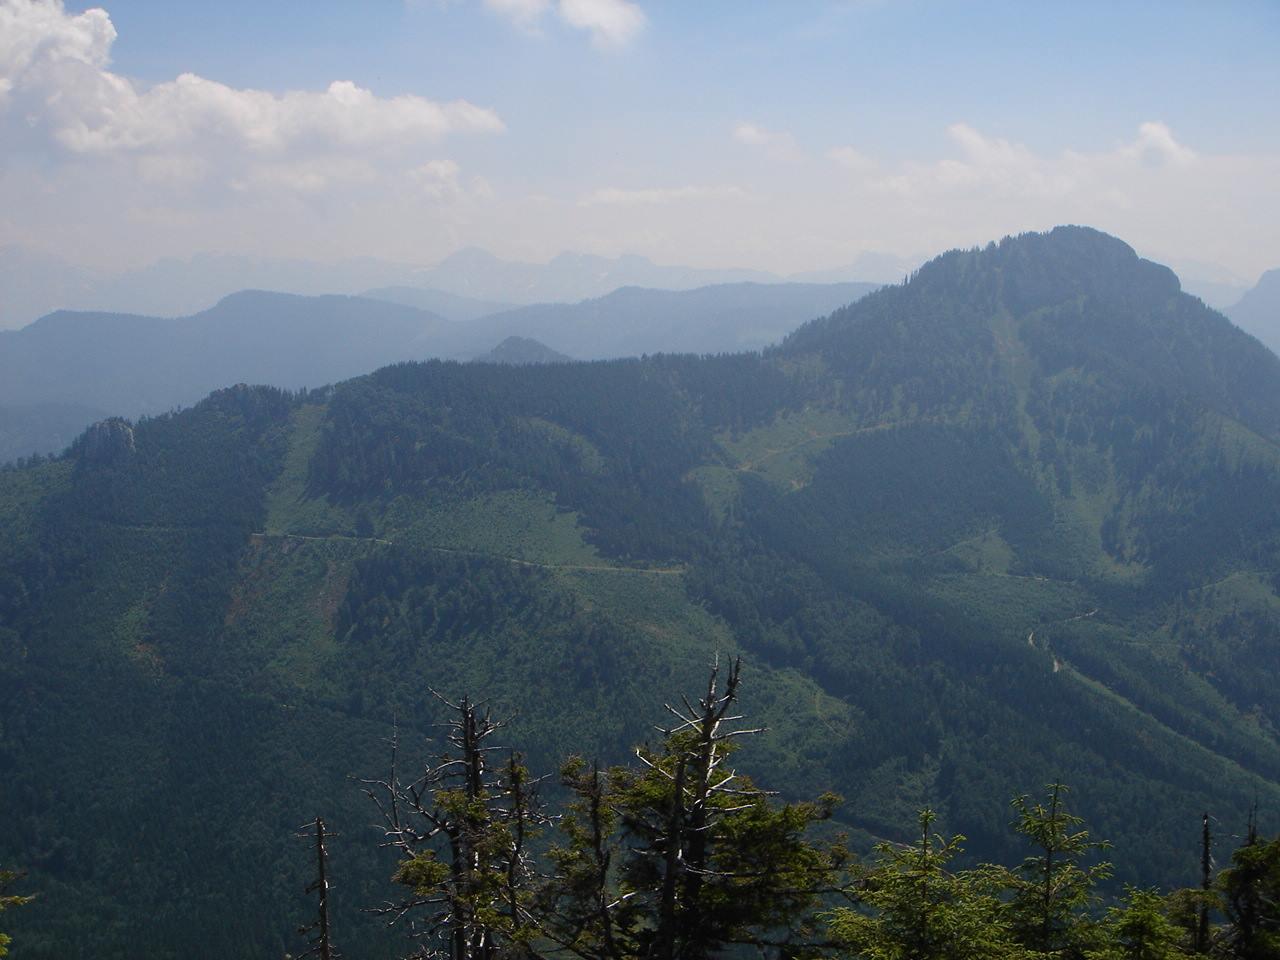 Foto: Manfred Karl / Wander Tour / Vom Franzl im Holz auf den Katzenstein / Blick nach Süden gegen Totes Gebirge; rechts im Bild Hochkogel. / 03.06.2007 21:13:01